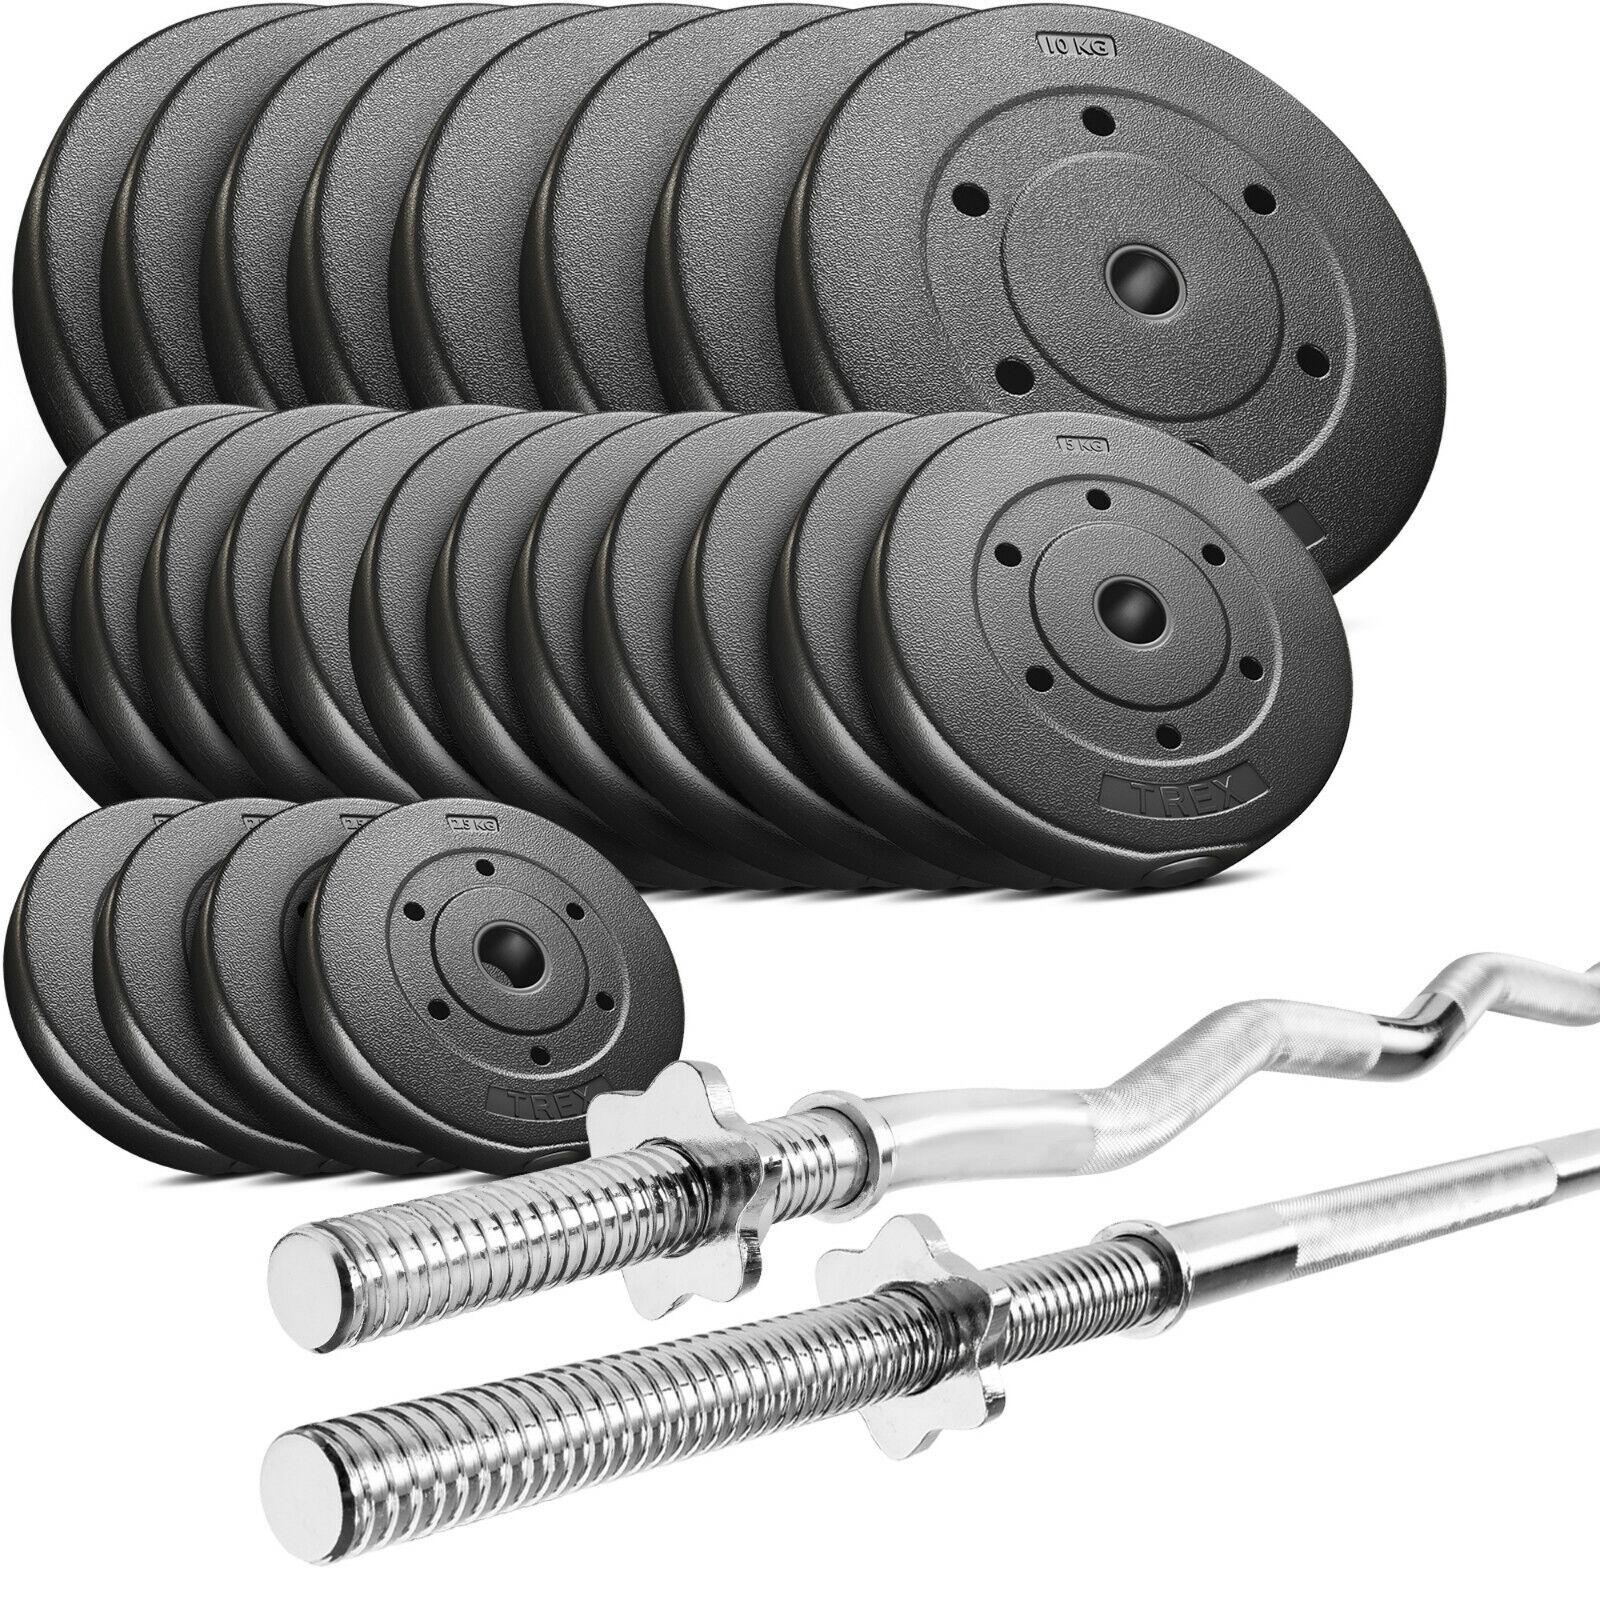 Trex hantelset Set Tige Disques D'haltères Poids 30-150 kg de long - & Haltère